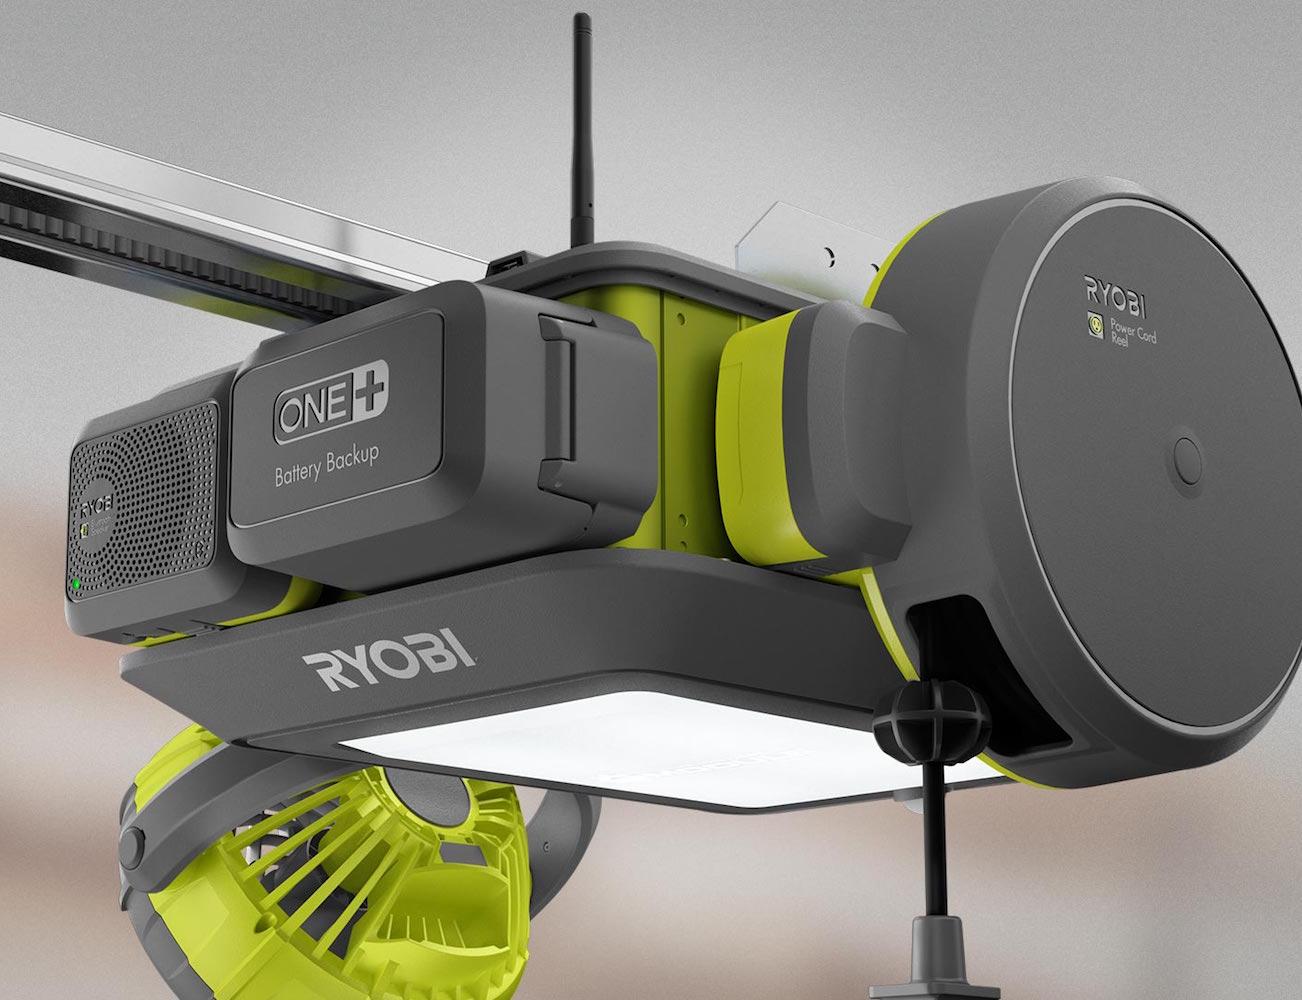 Ryobi Ultraquiet Garage Door Opener Review » The Gadget Flow